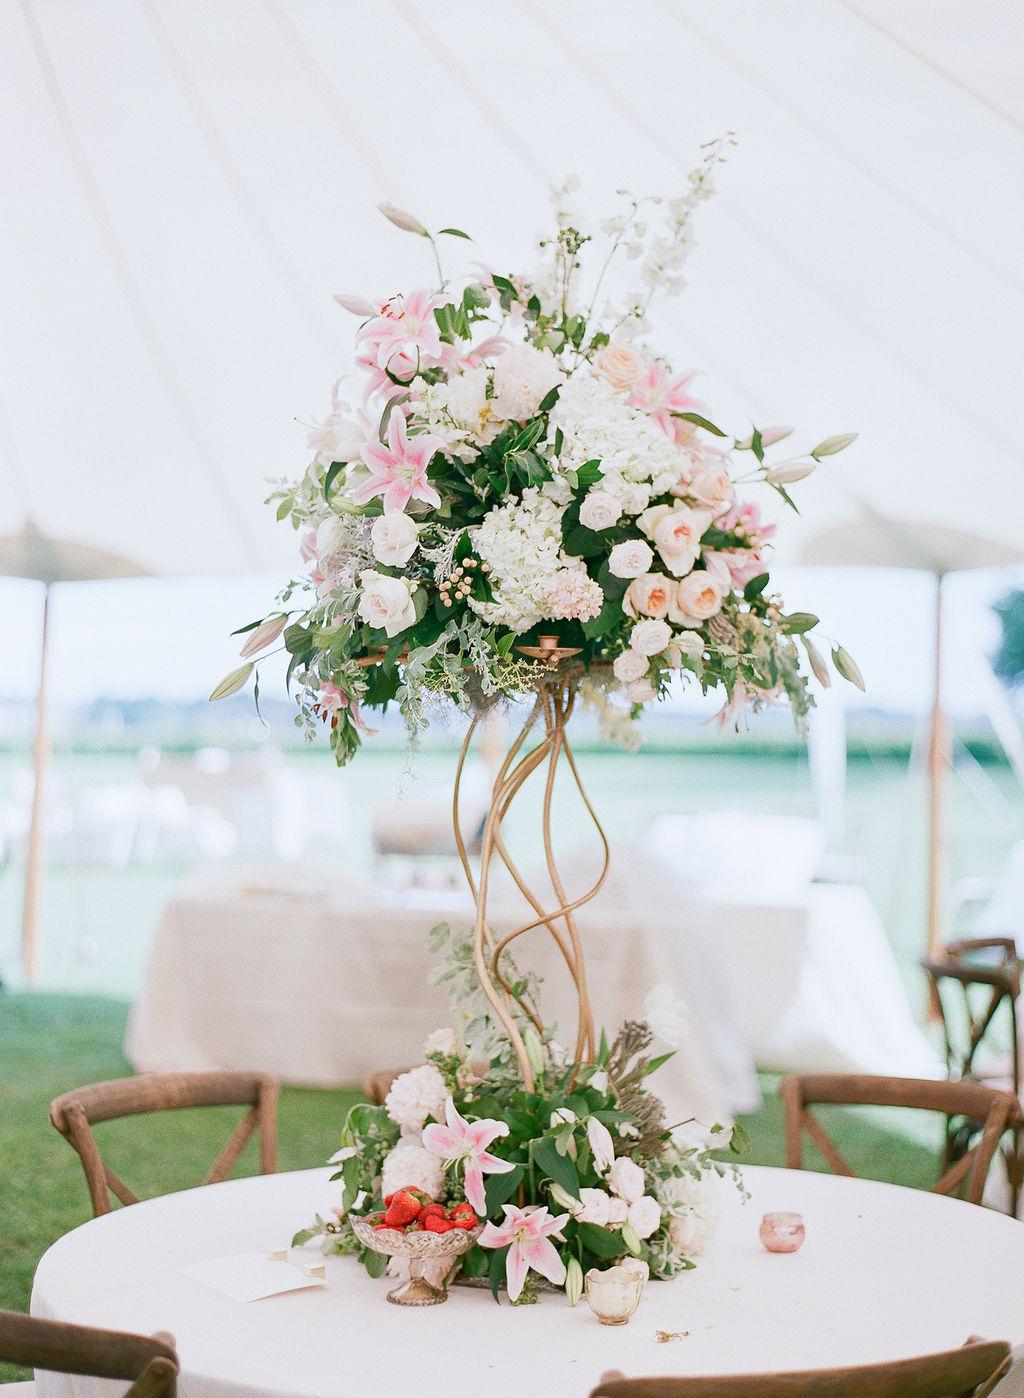 North Carolina Wedding, Events by Reagan, Destination Wedding Planner,  Elegant Flower Centerpiece